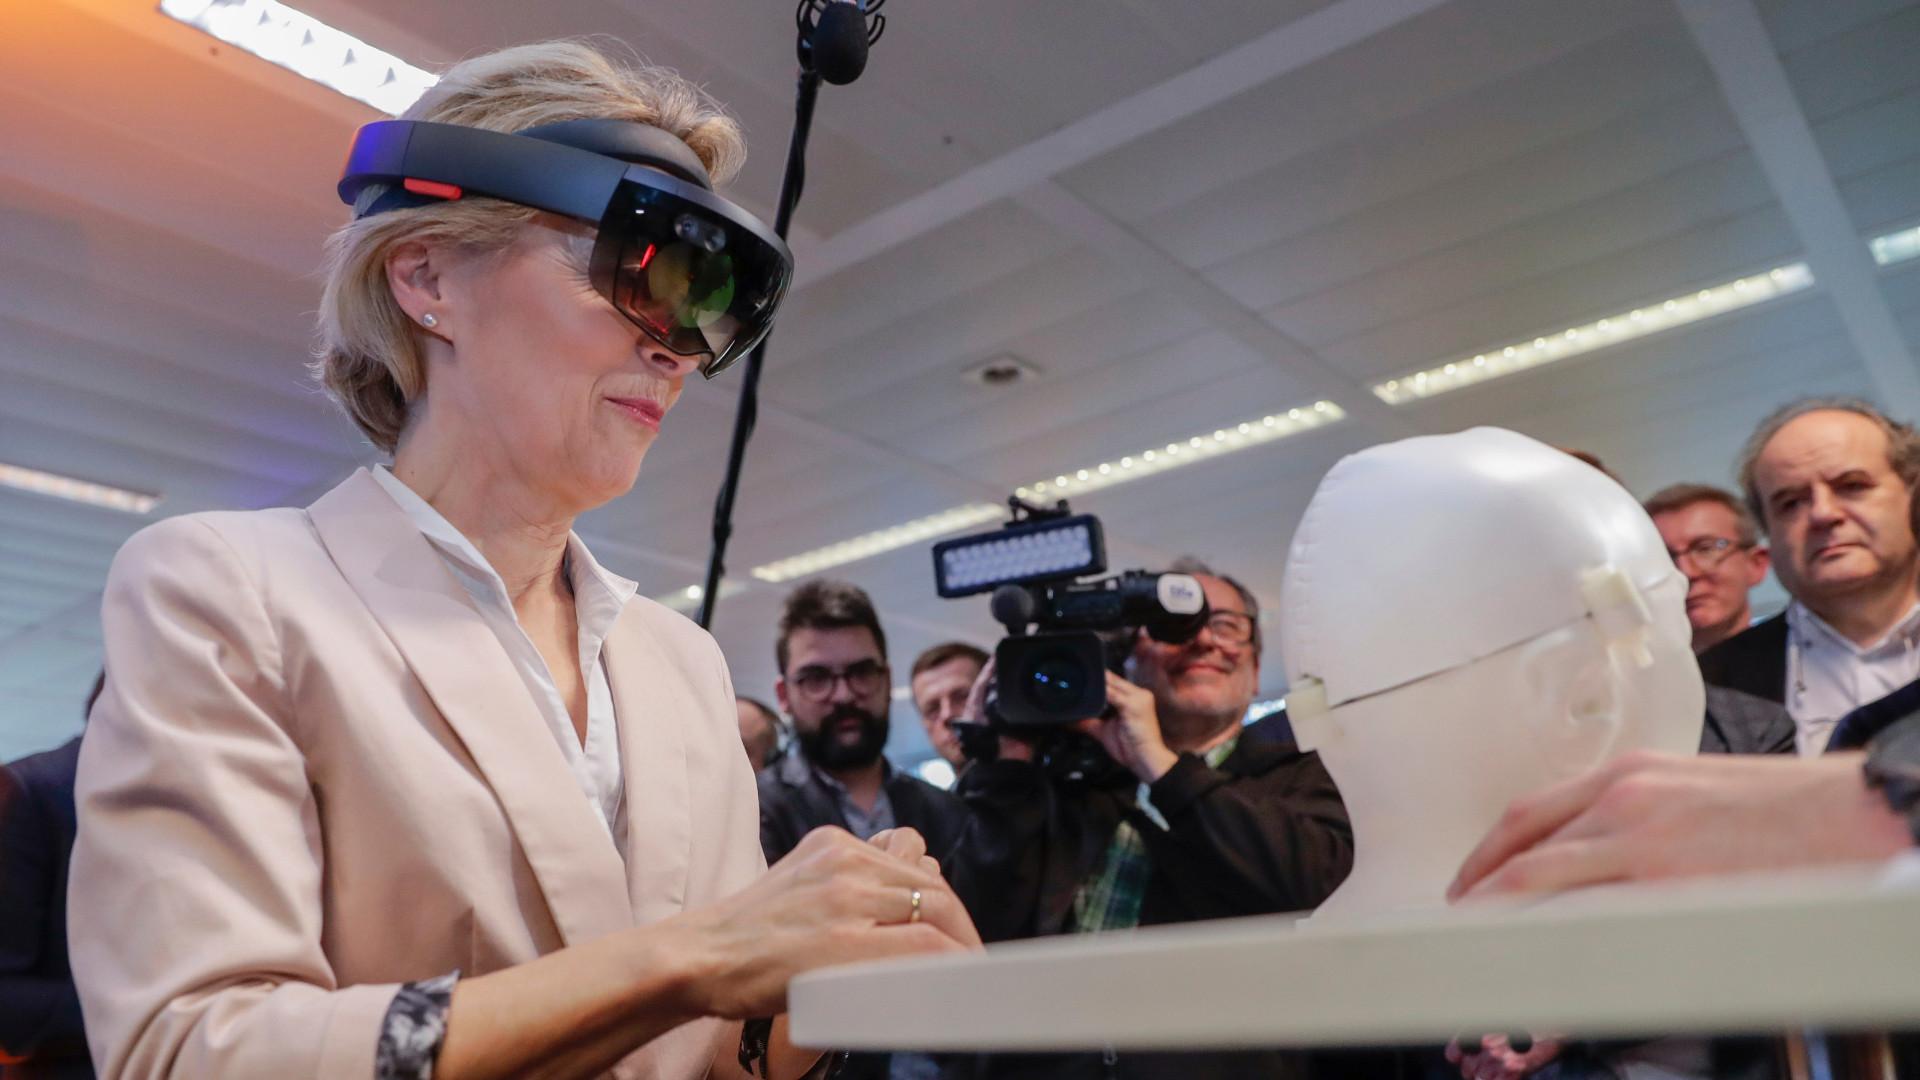 EU predlaže pravila za regulisanje veštačke inteligencije da bi ograničila rizike 1